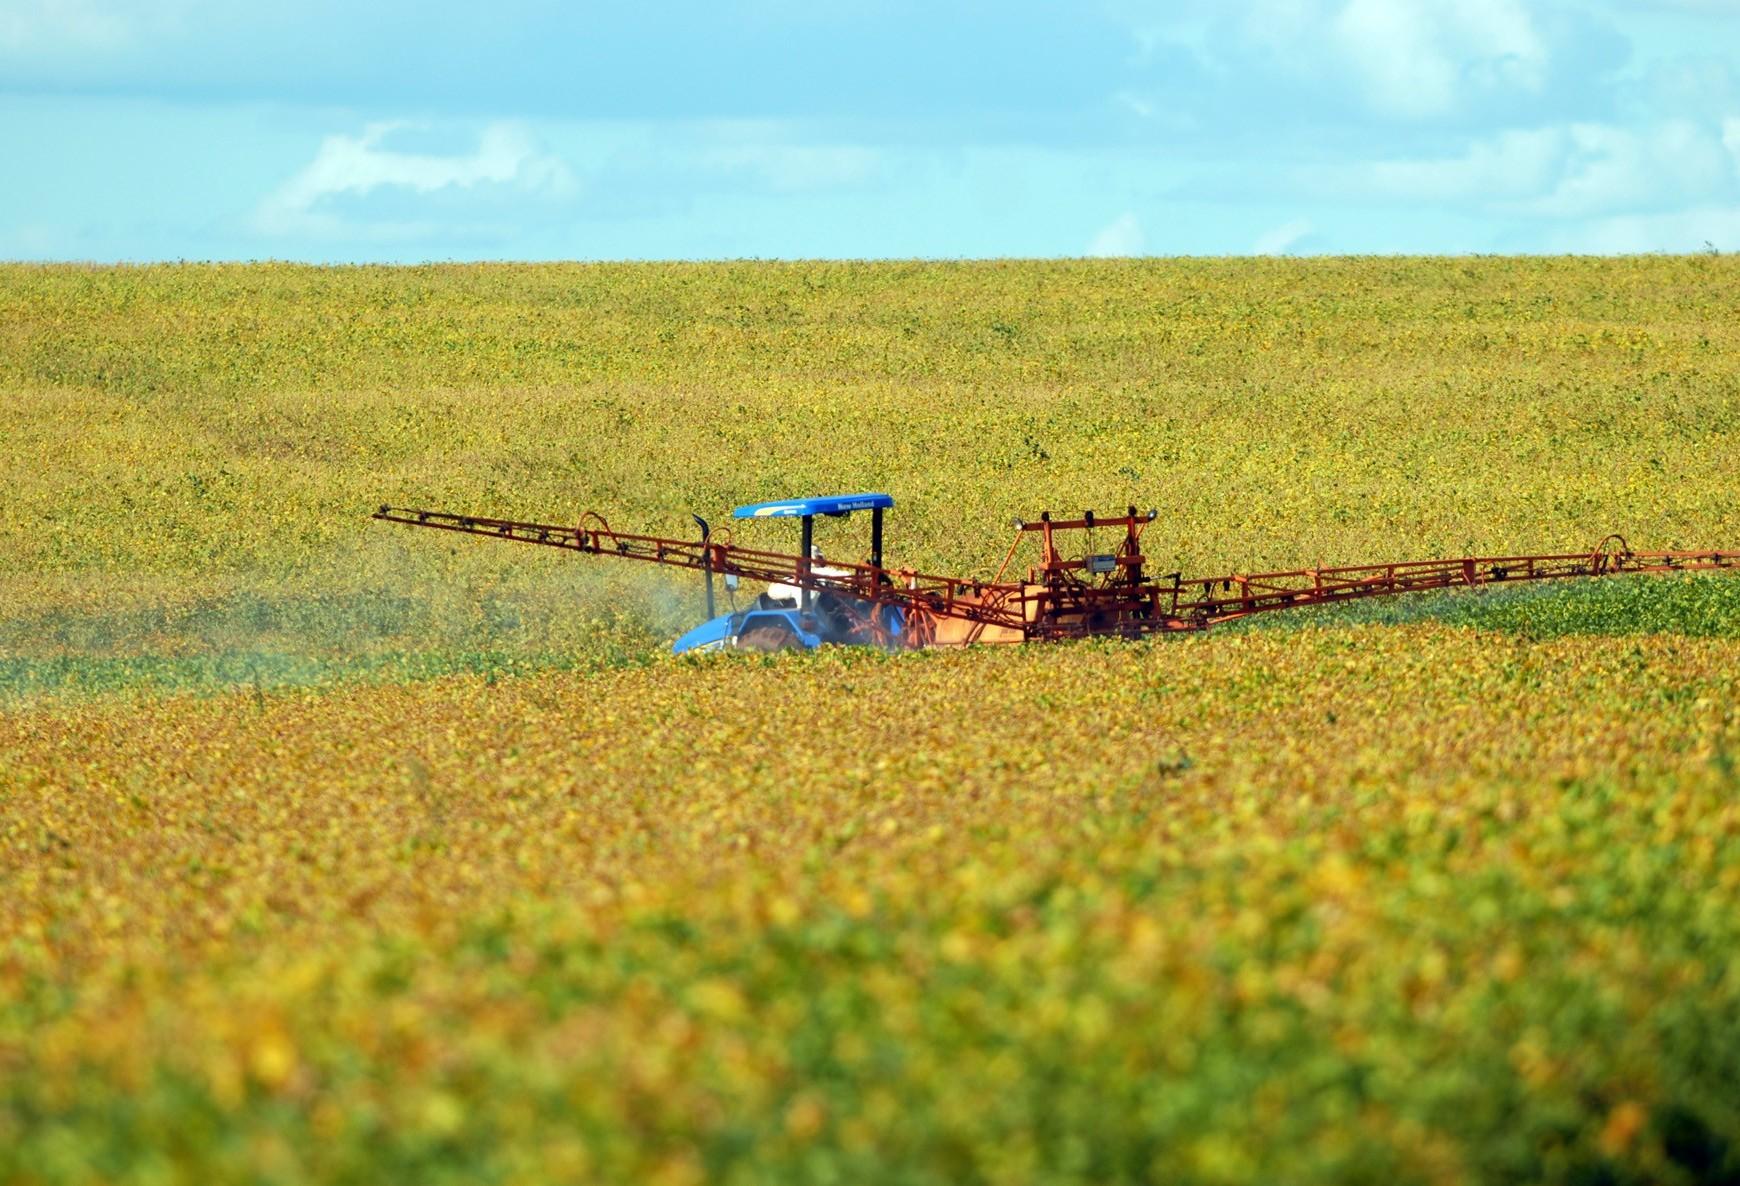 Aumento do uso do agrotóxico é tema de evento em Maringá